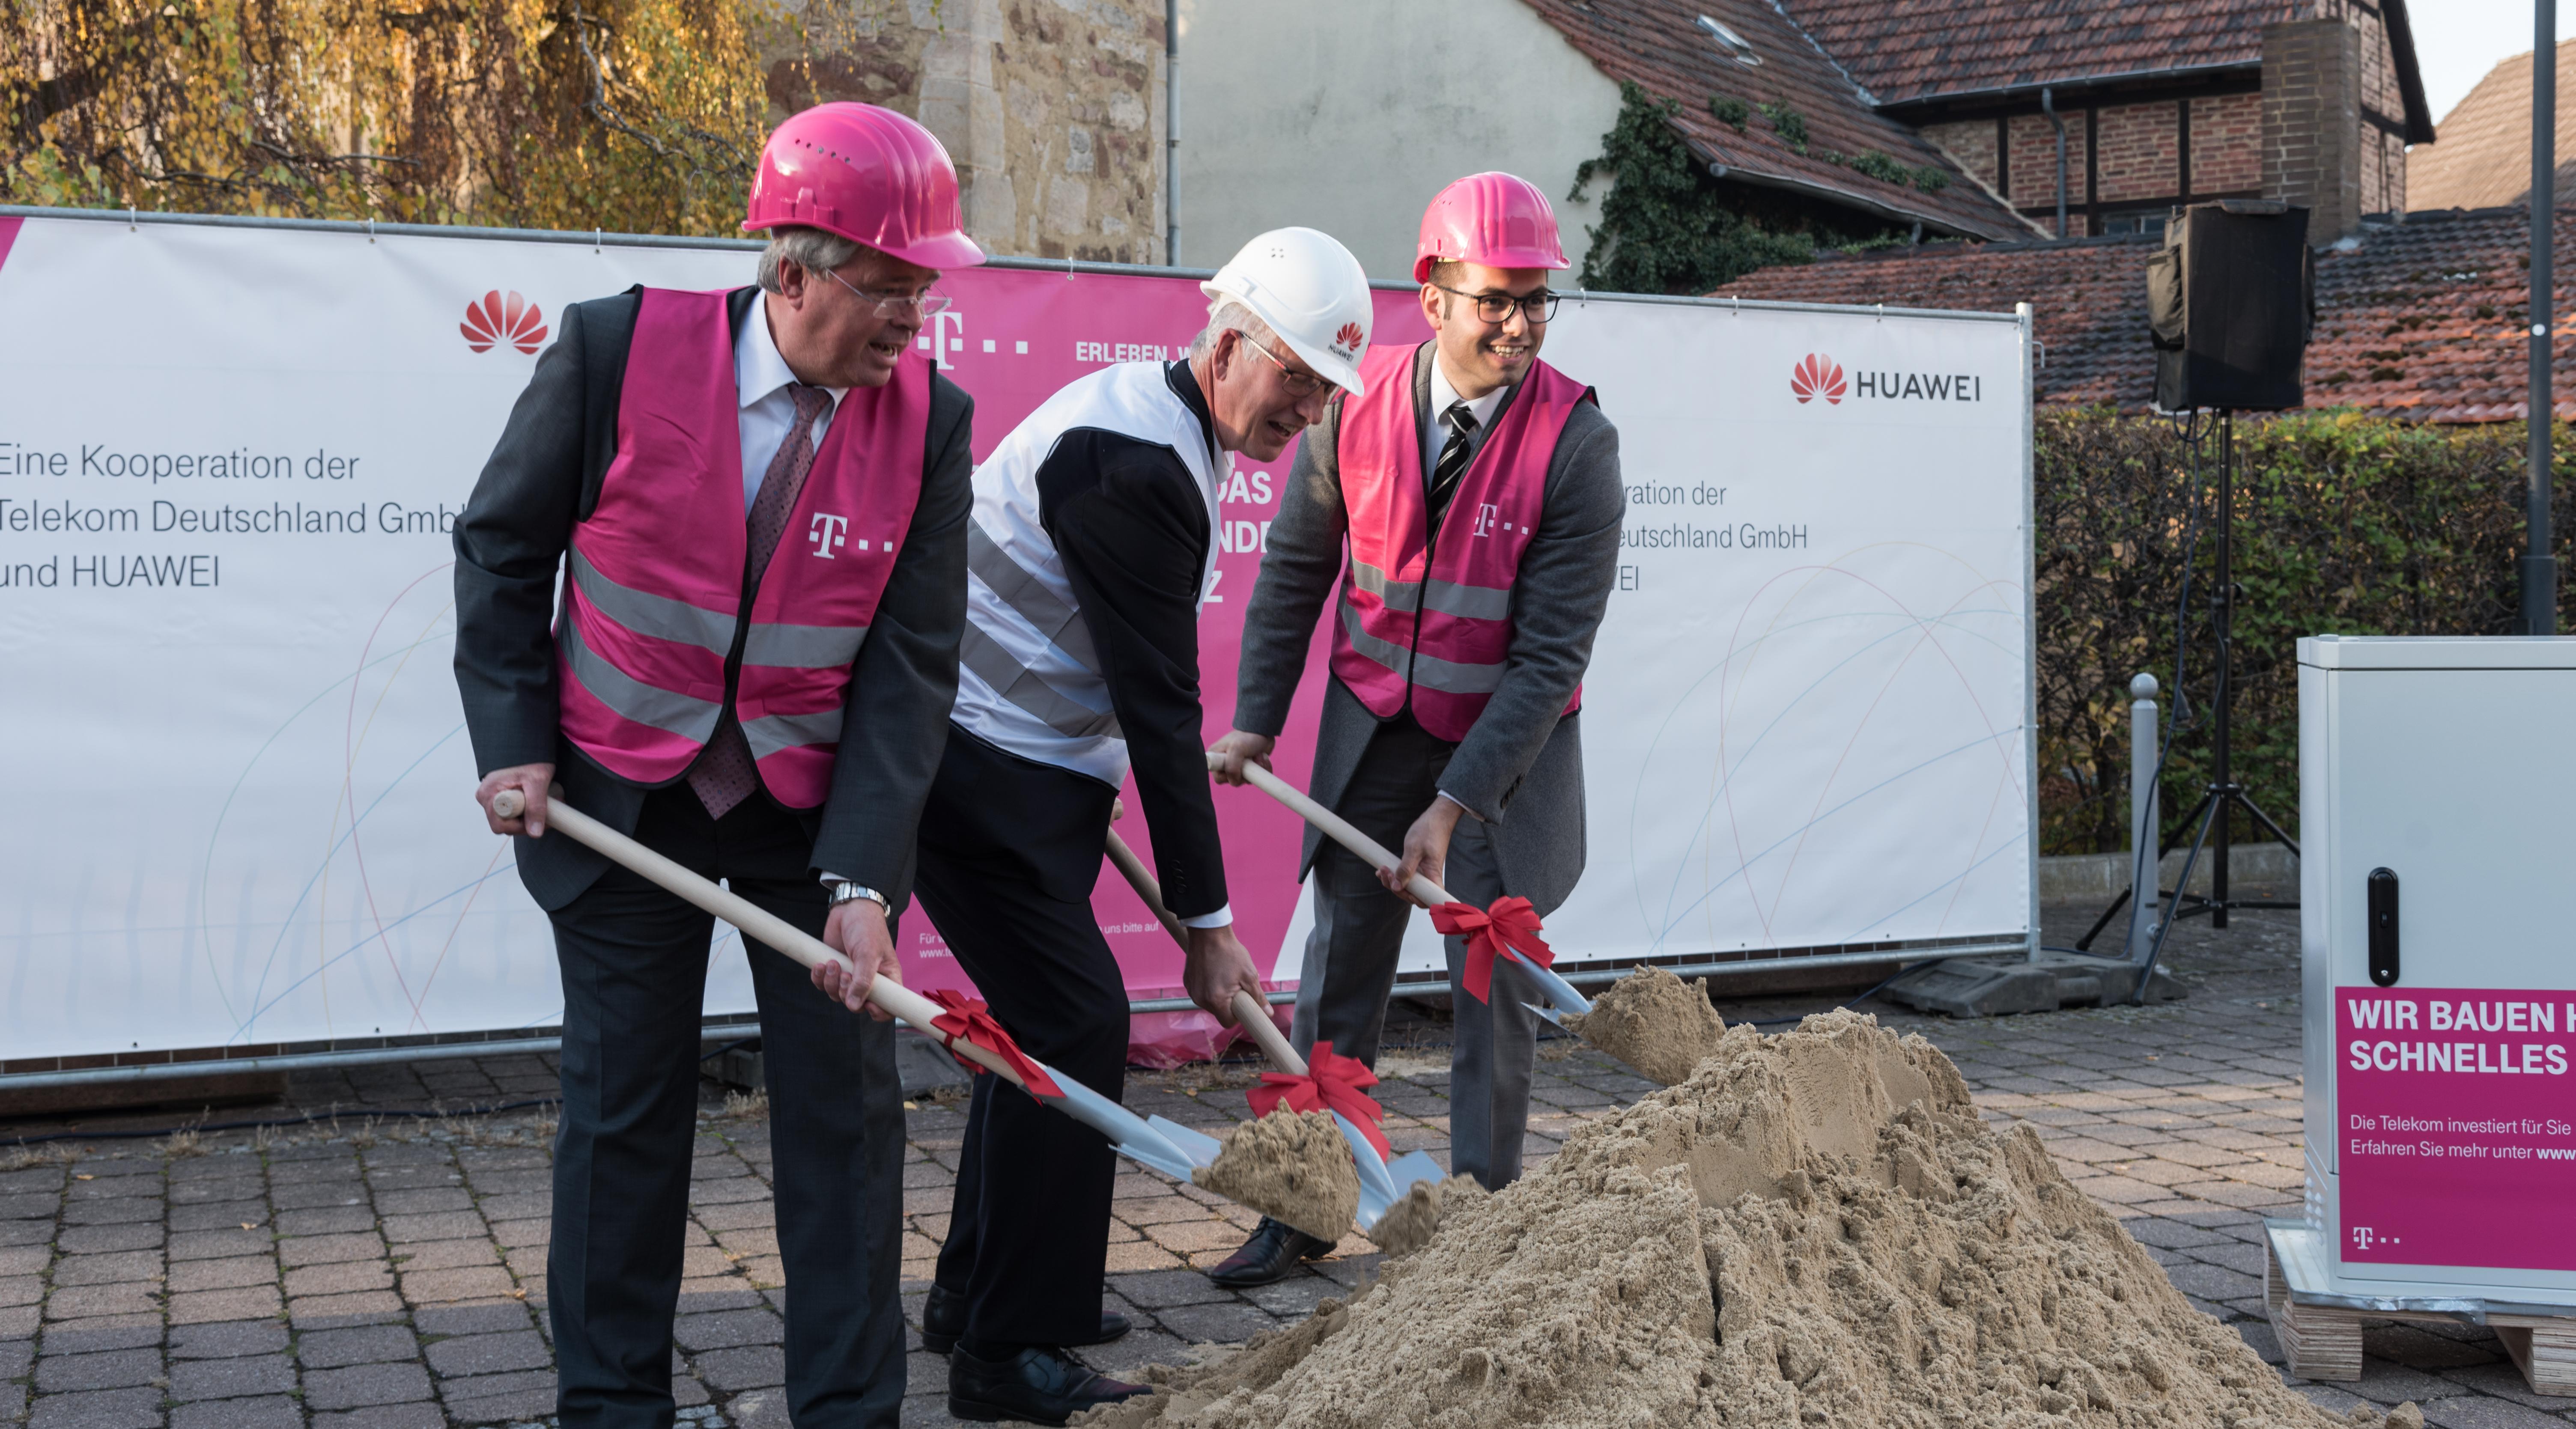 Deutsche Telekom Und Huawei Bringen Innovatives Ftth Nach